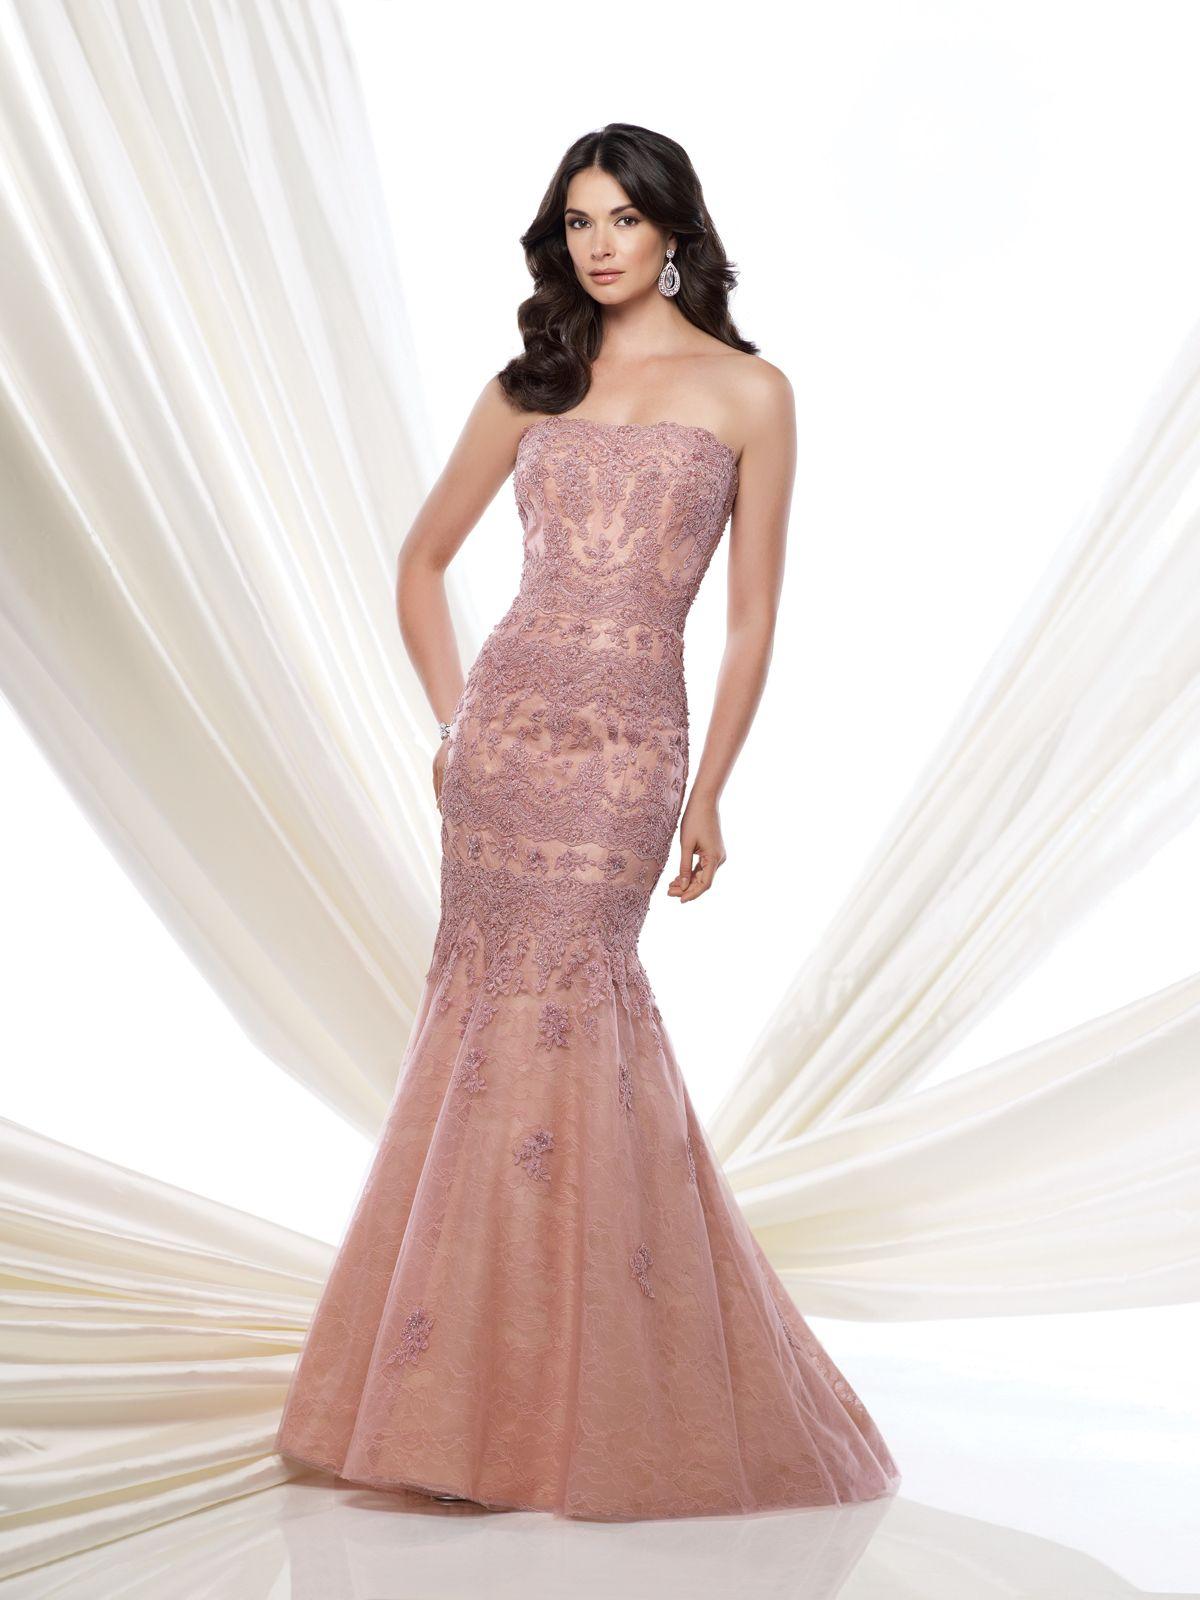 Único Wedding Dress Designer David Tutera Elaboración - Colección de ...